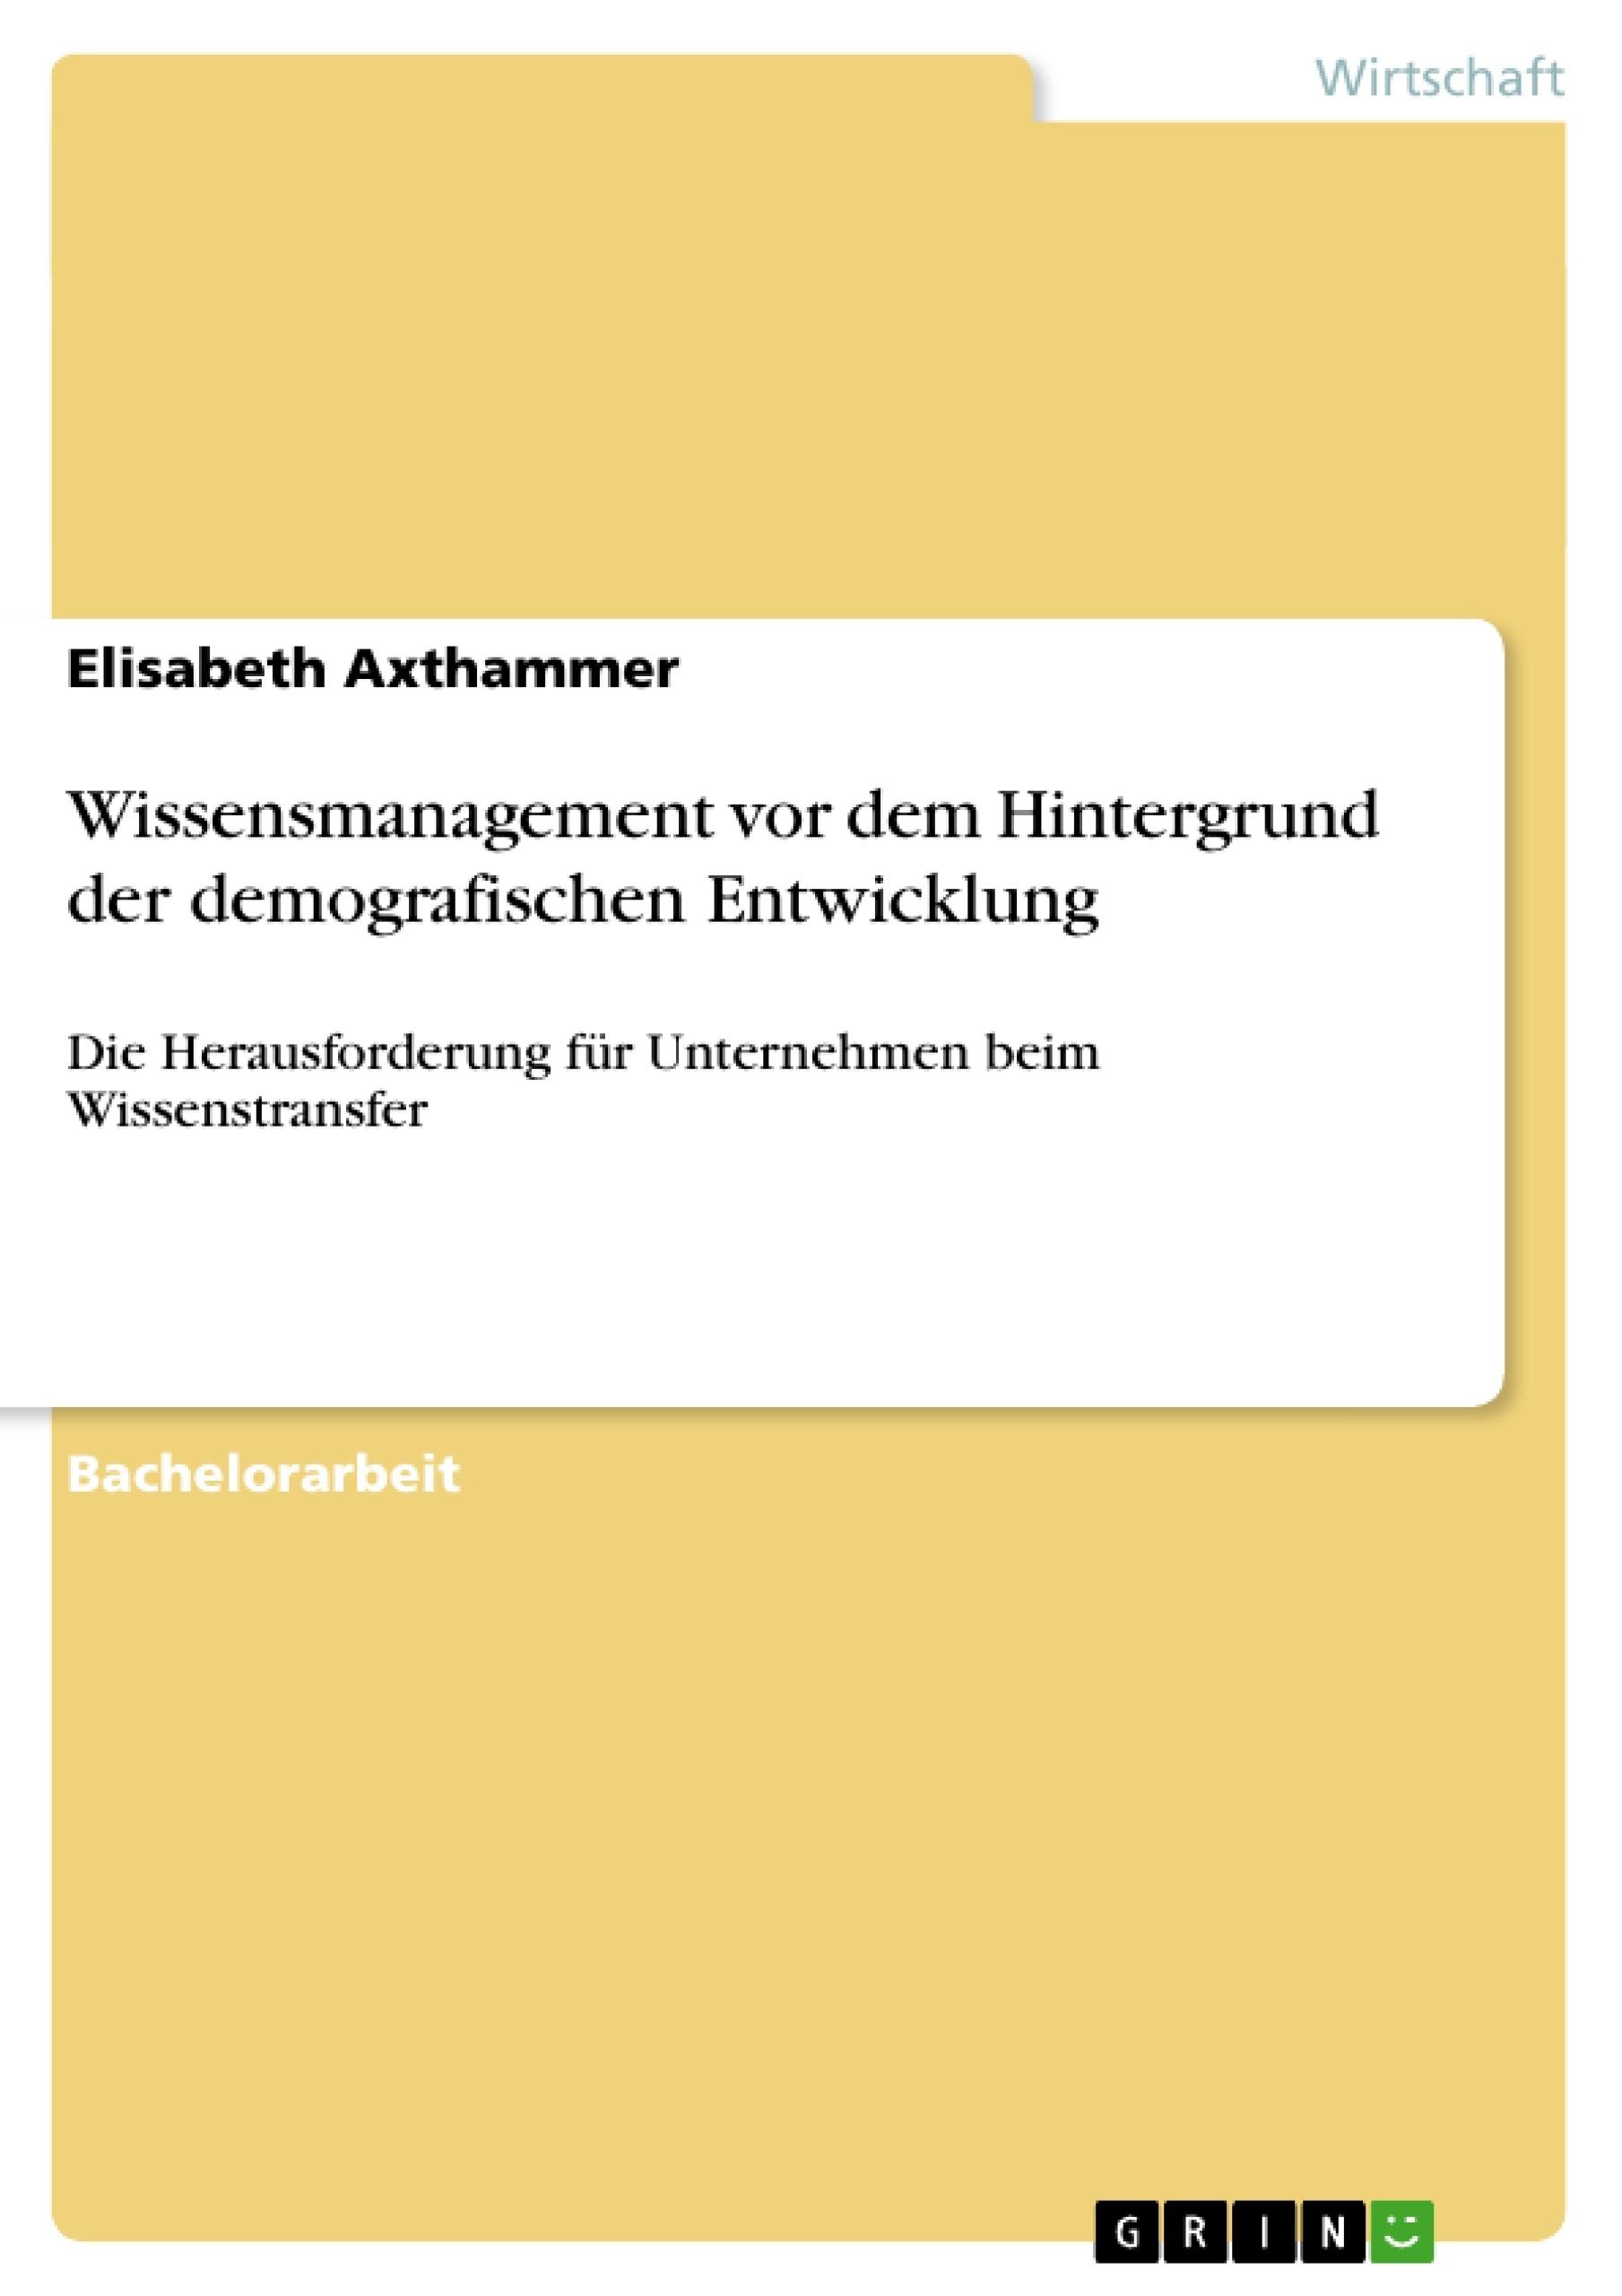 Titel: Wissensmanagement vor dem Hintergrund der demografischen Entwicklung